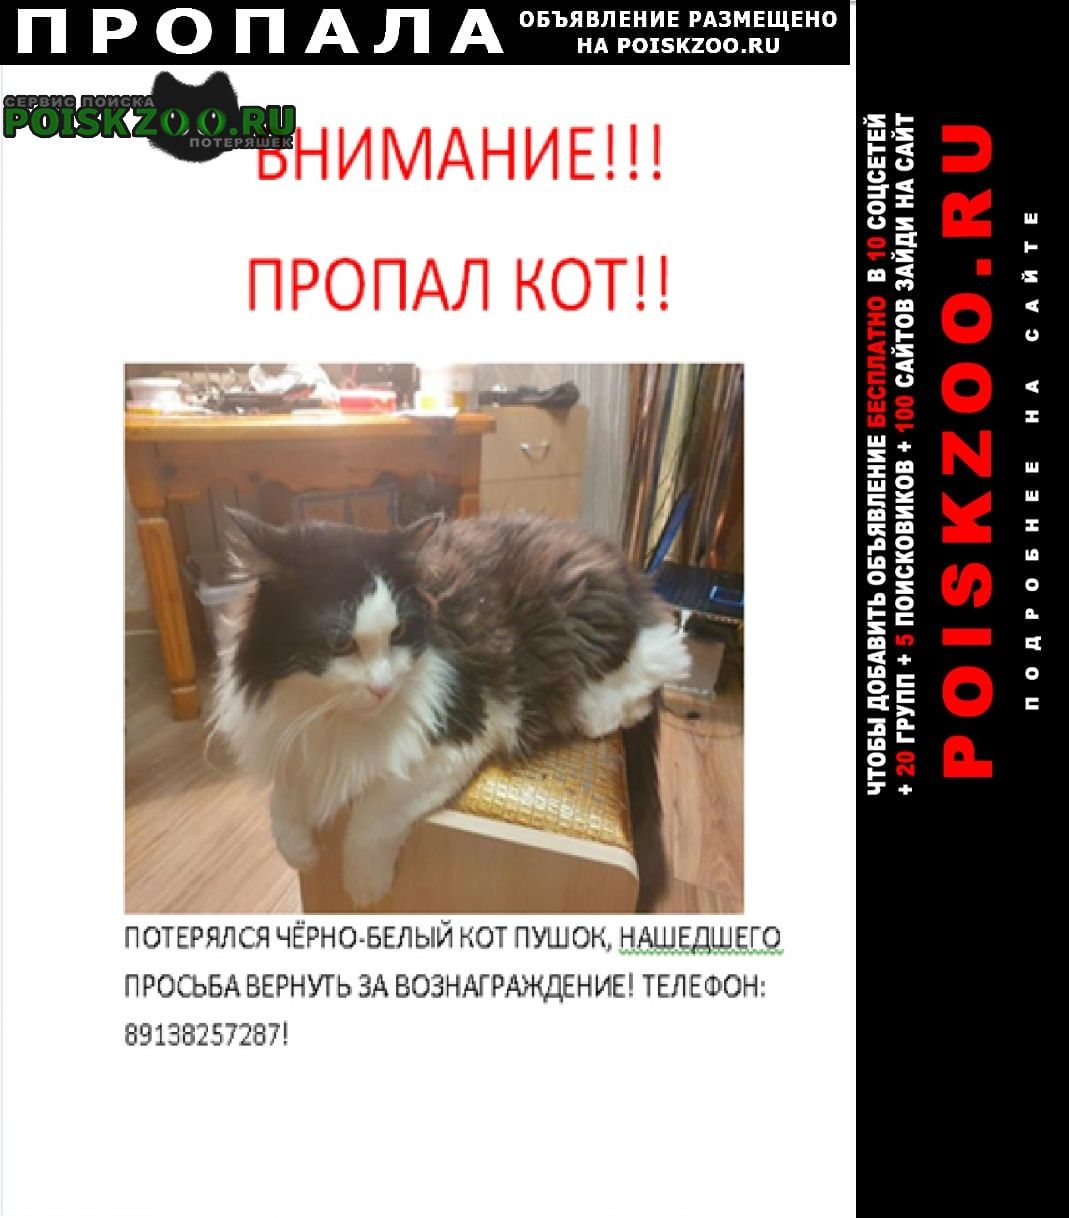 Пропала кошка  кот Ханты-Мансийск